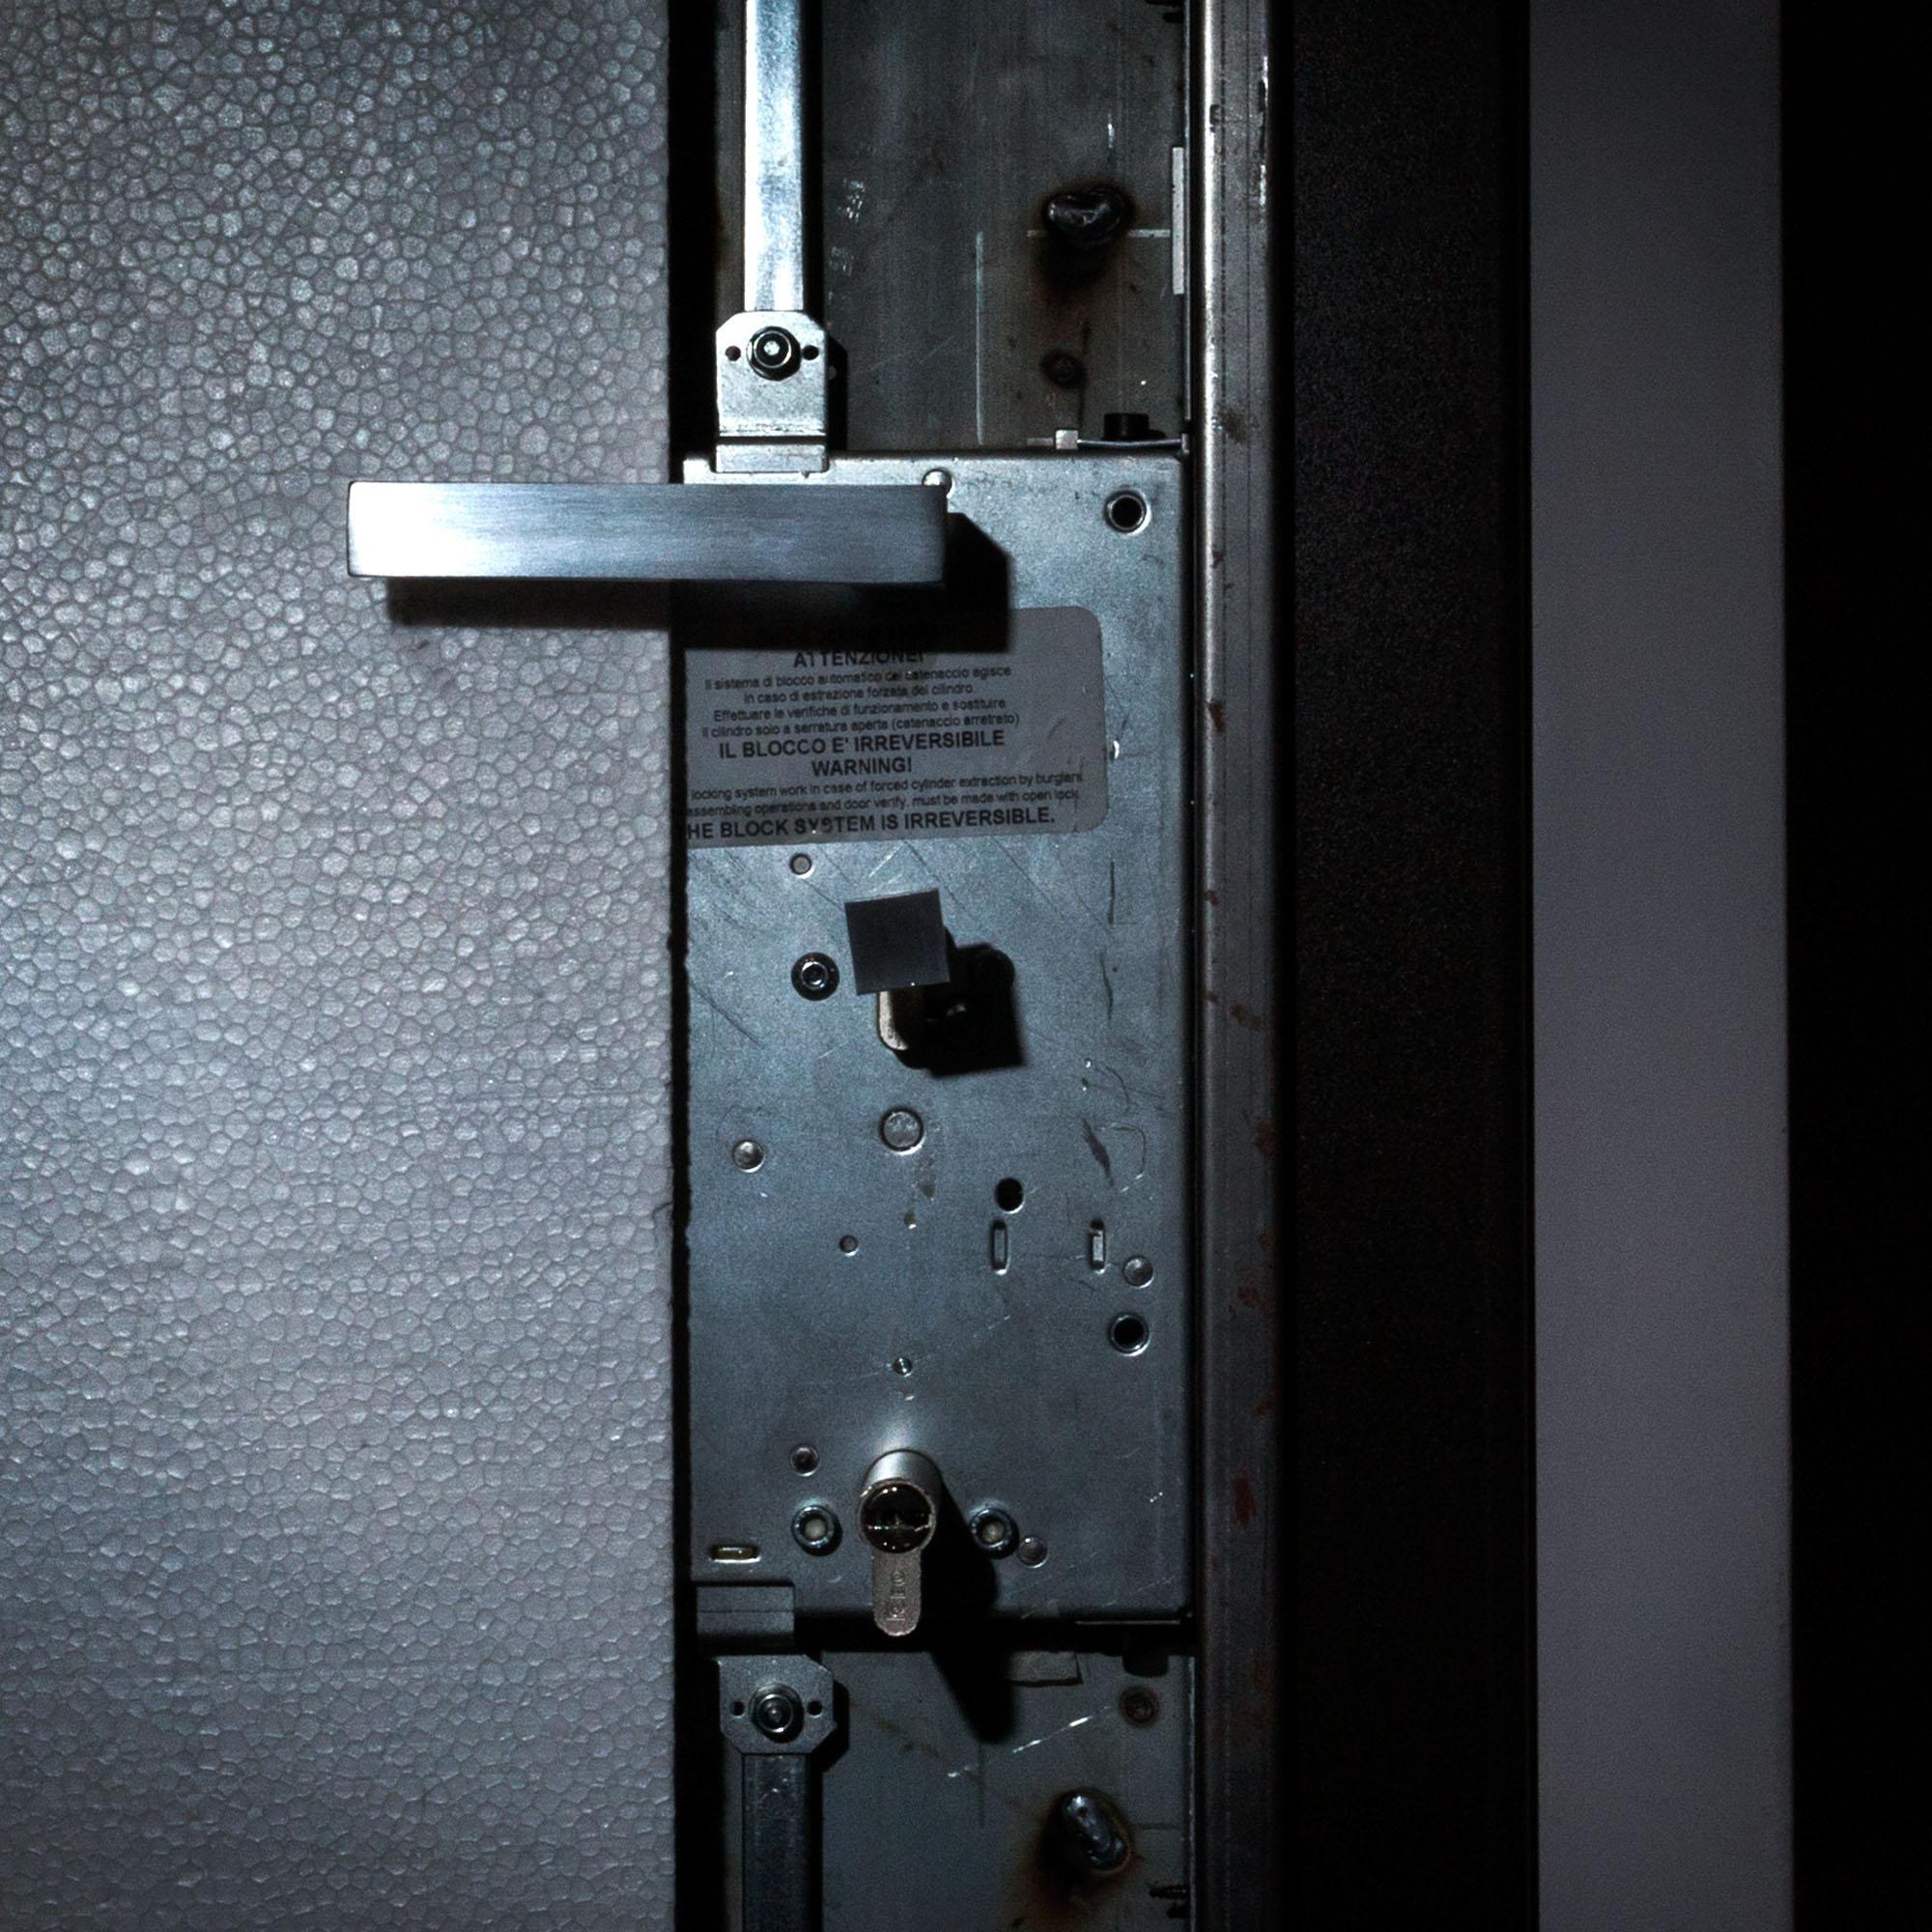 Porte Blindate Piacentini Recensioni come cambiare il cilindro della serratura di una porta